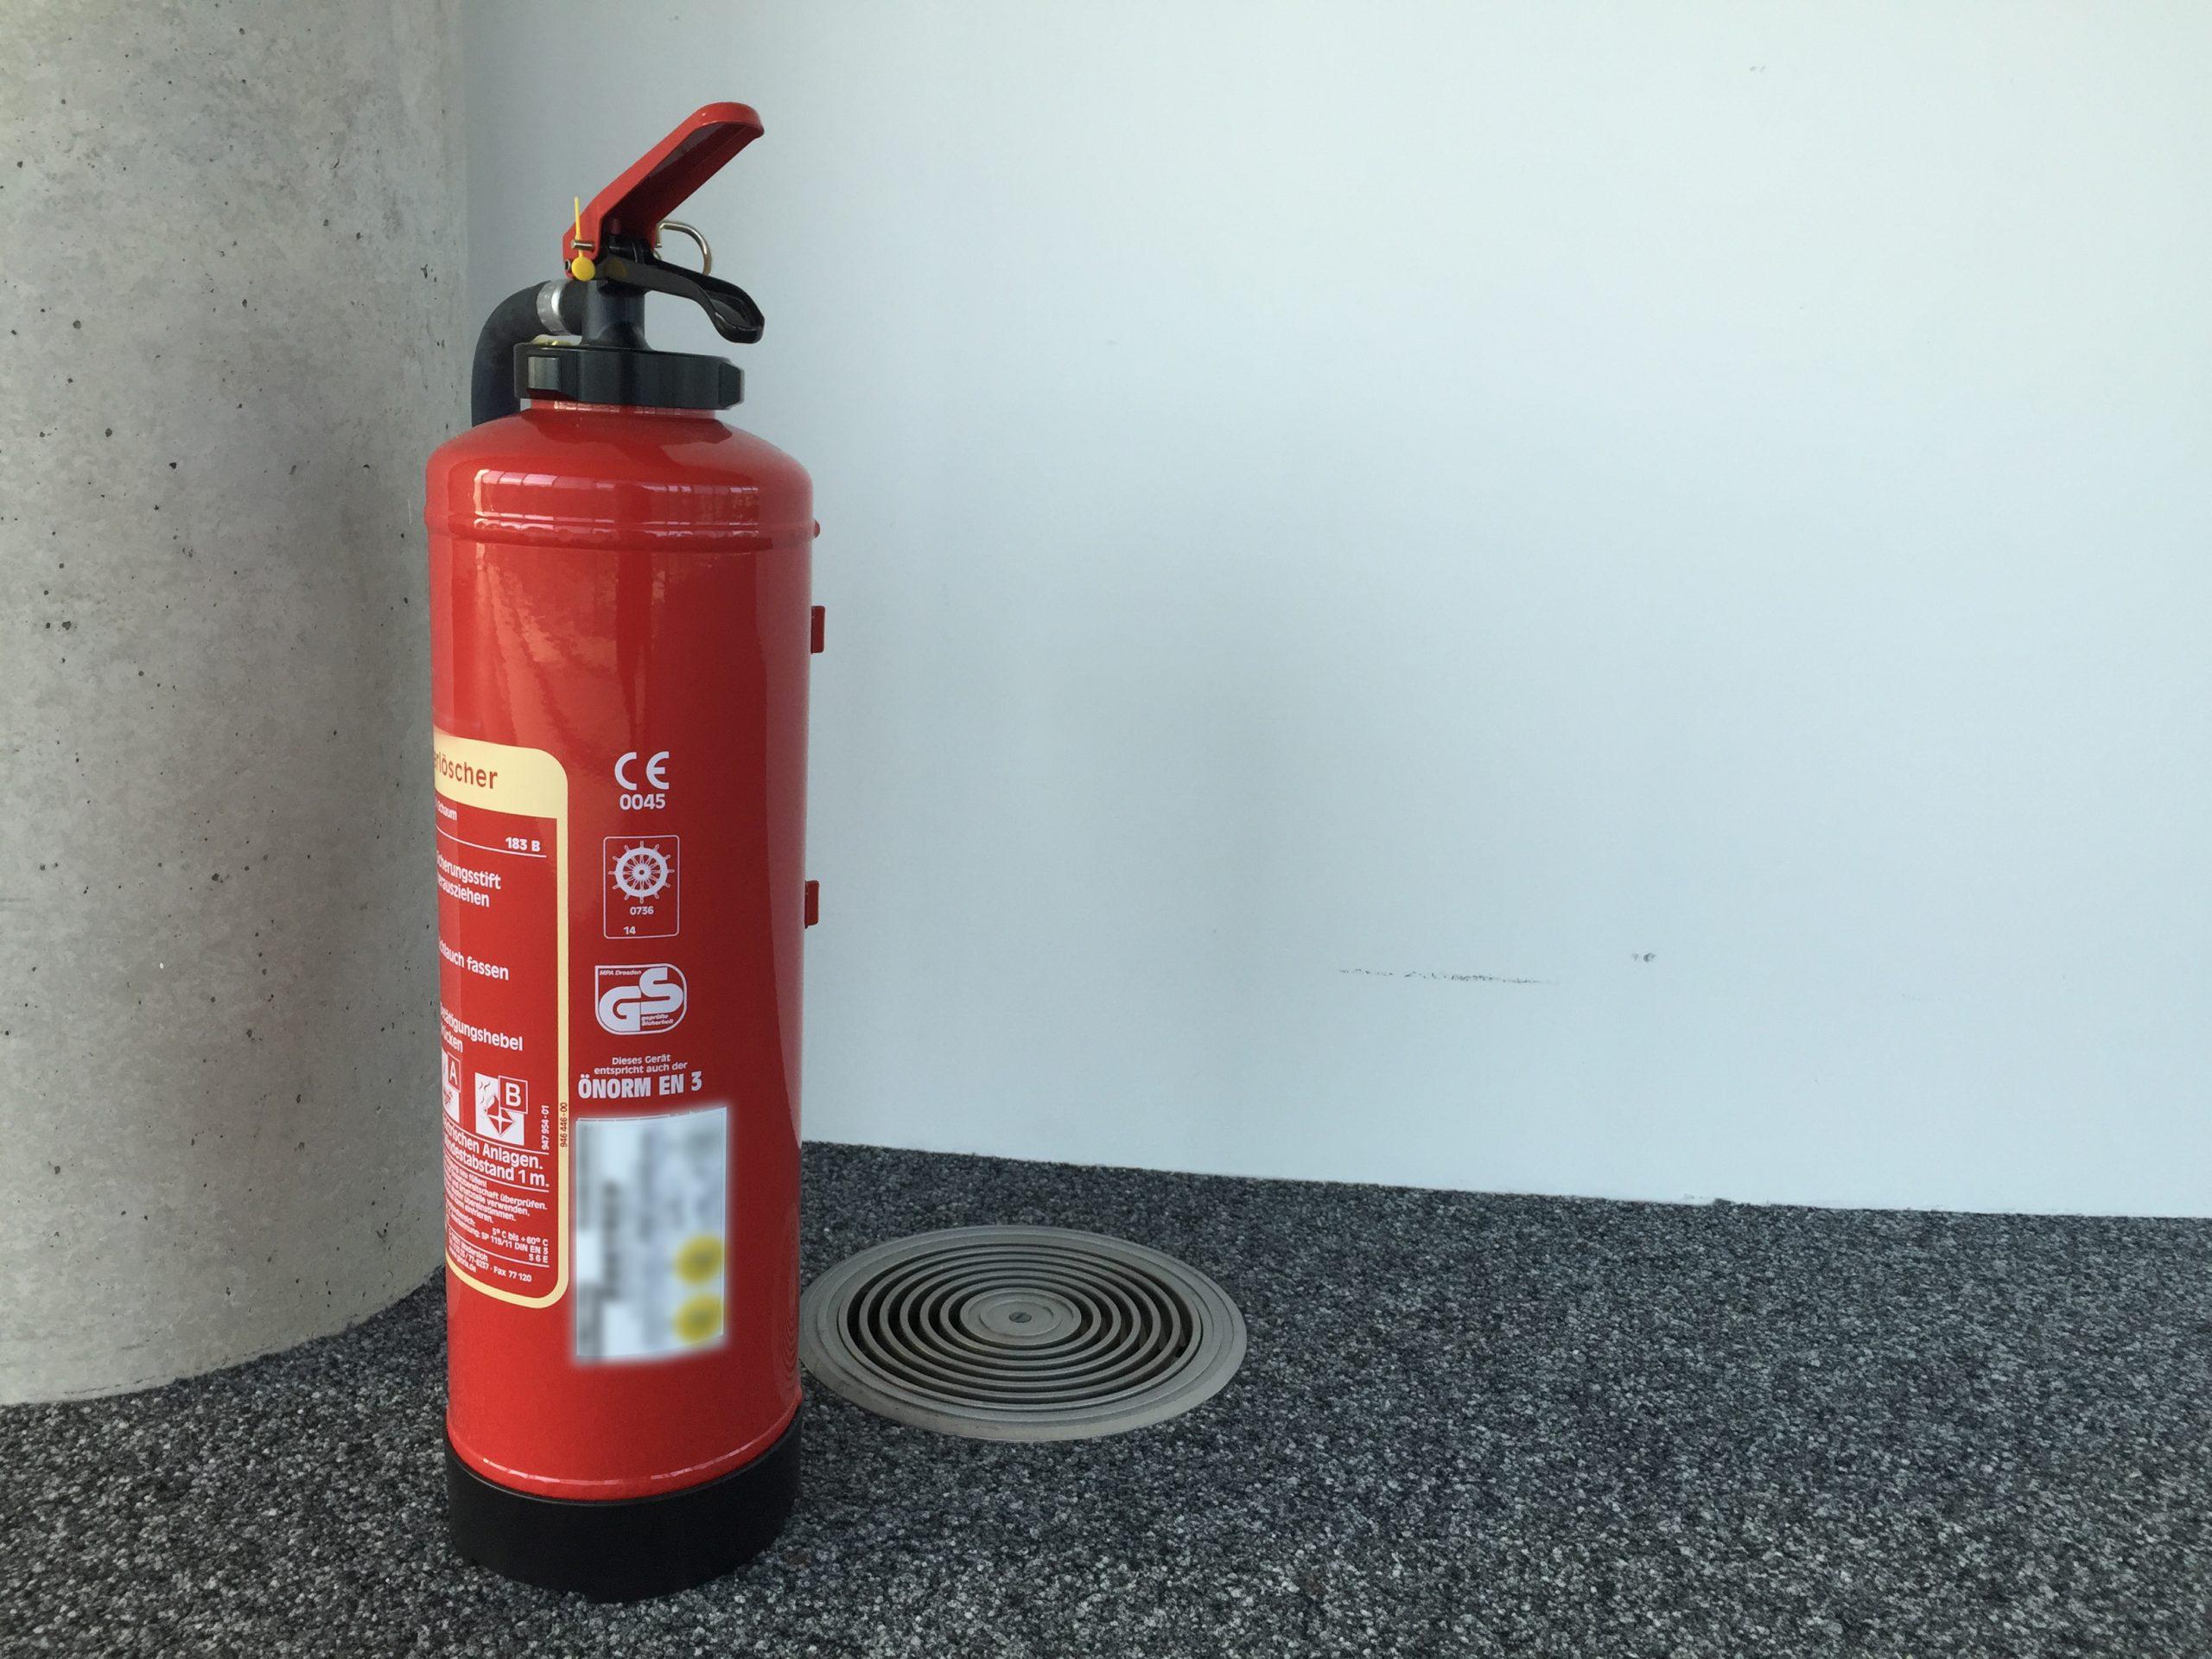 Brandschutzmangel Feuerlöscher nicht in der Halterung